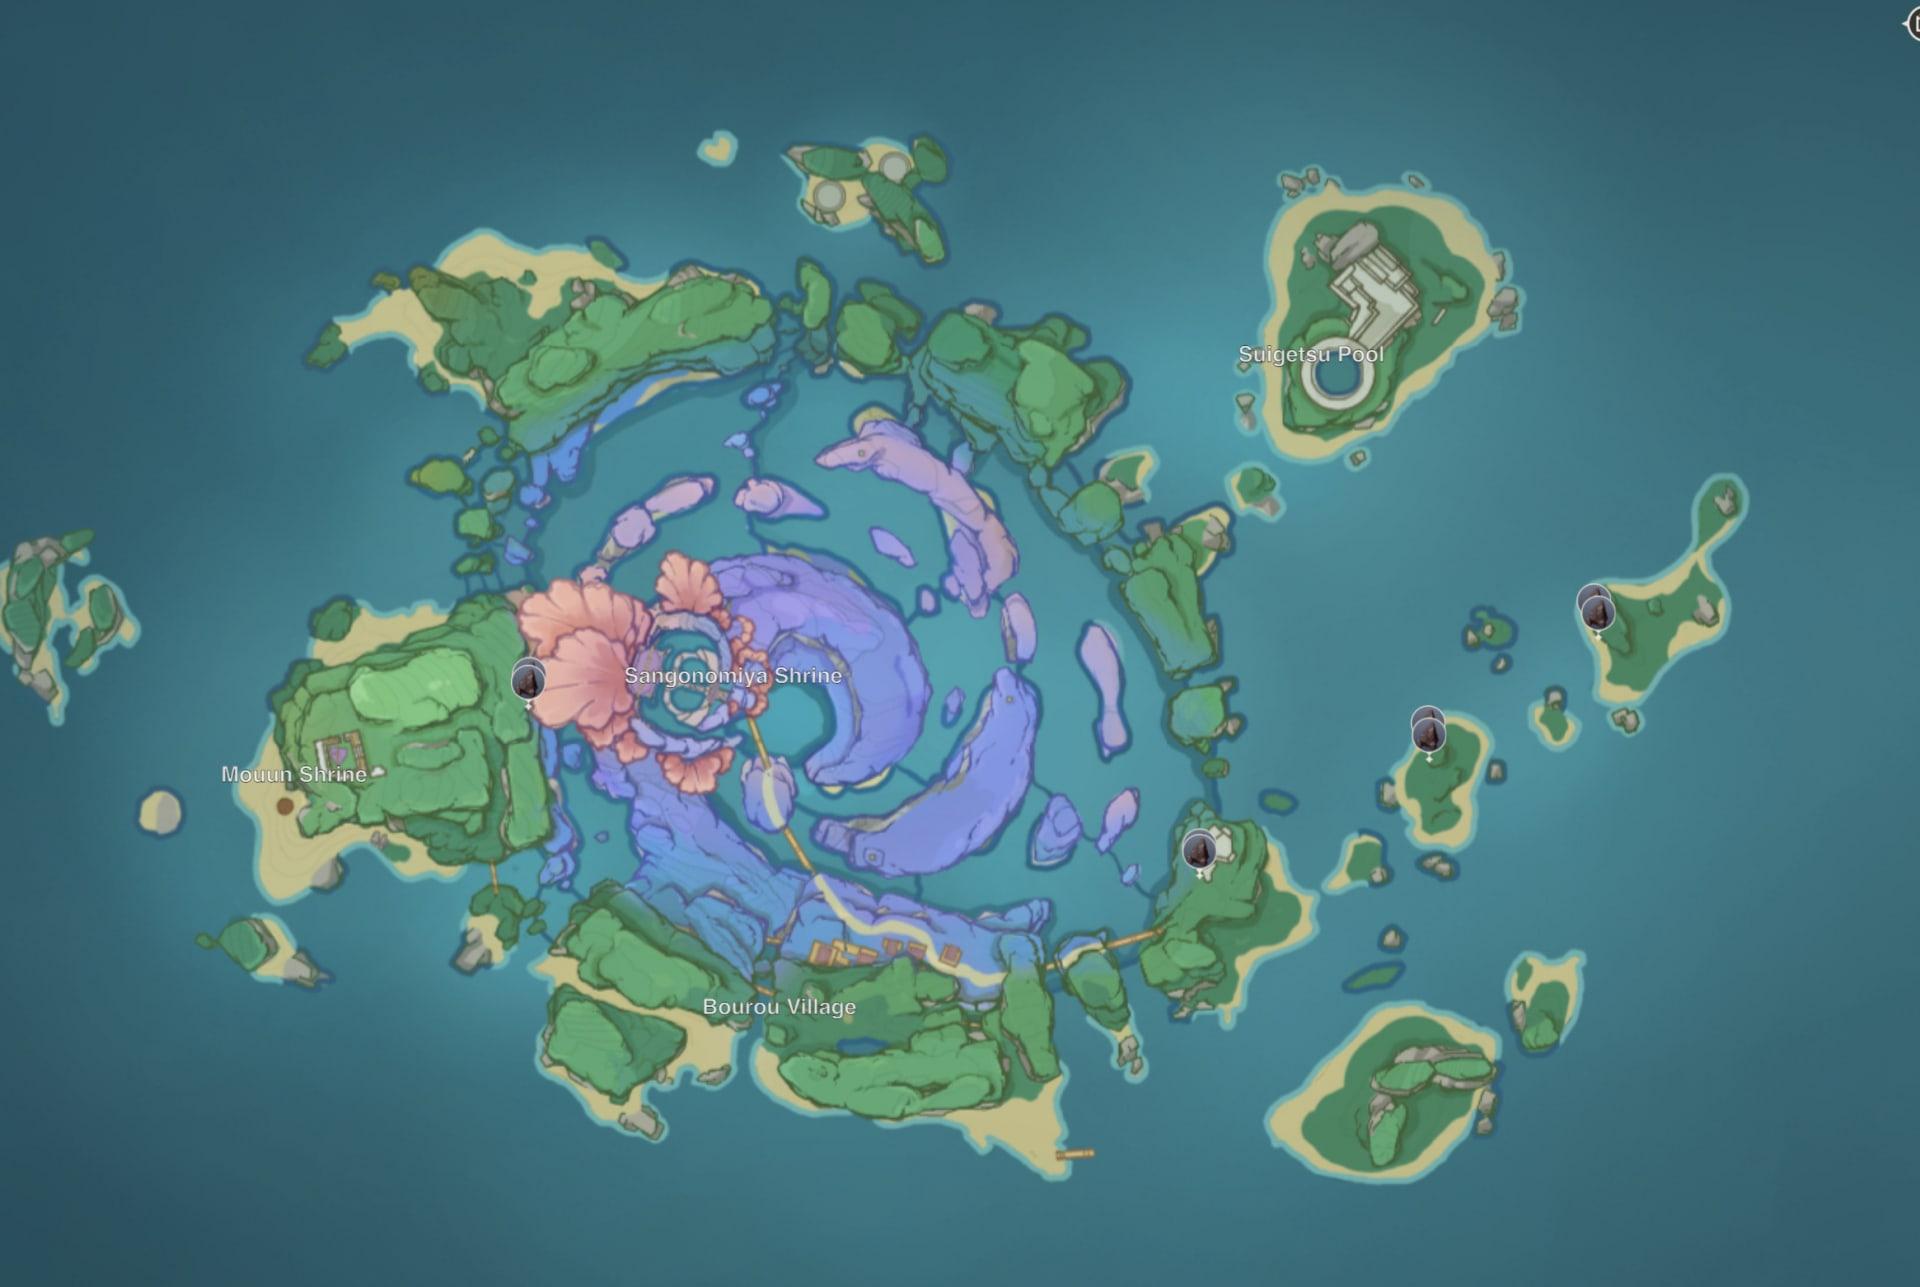 Расположение железной руды на острове Ватацуми